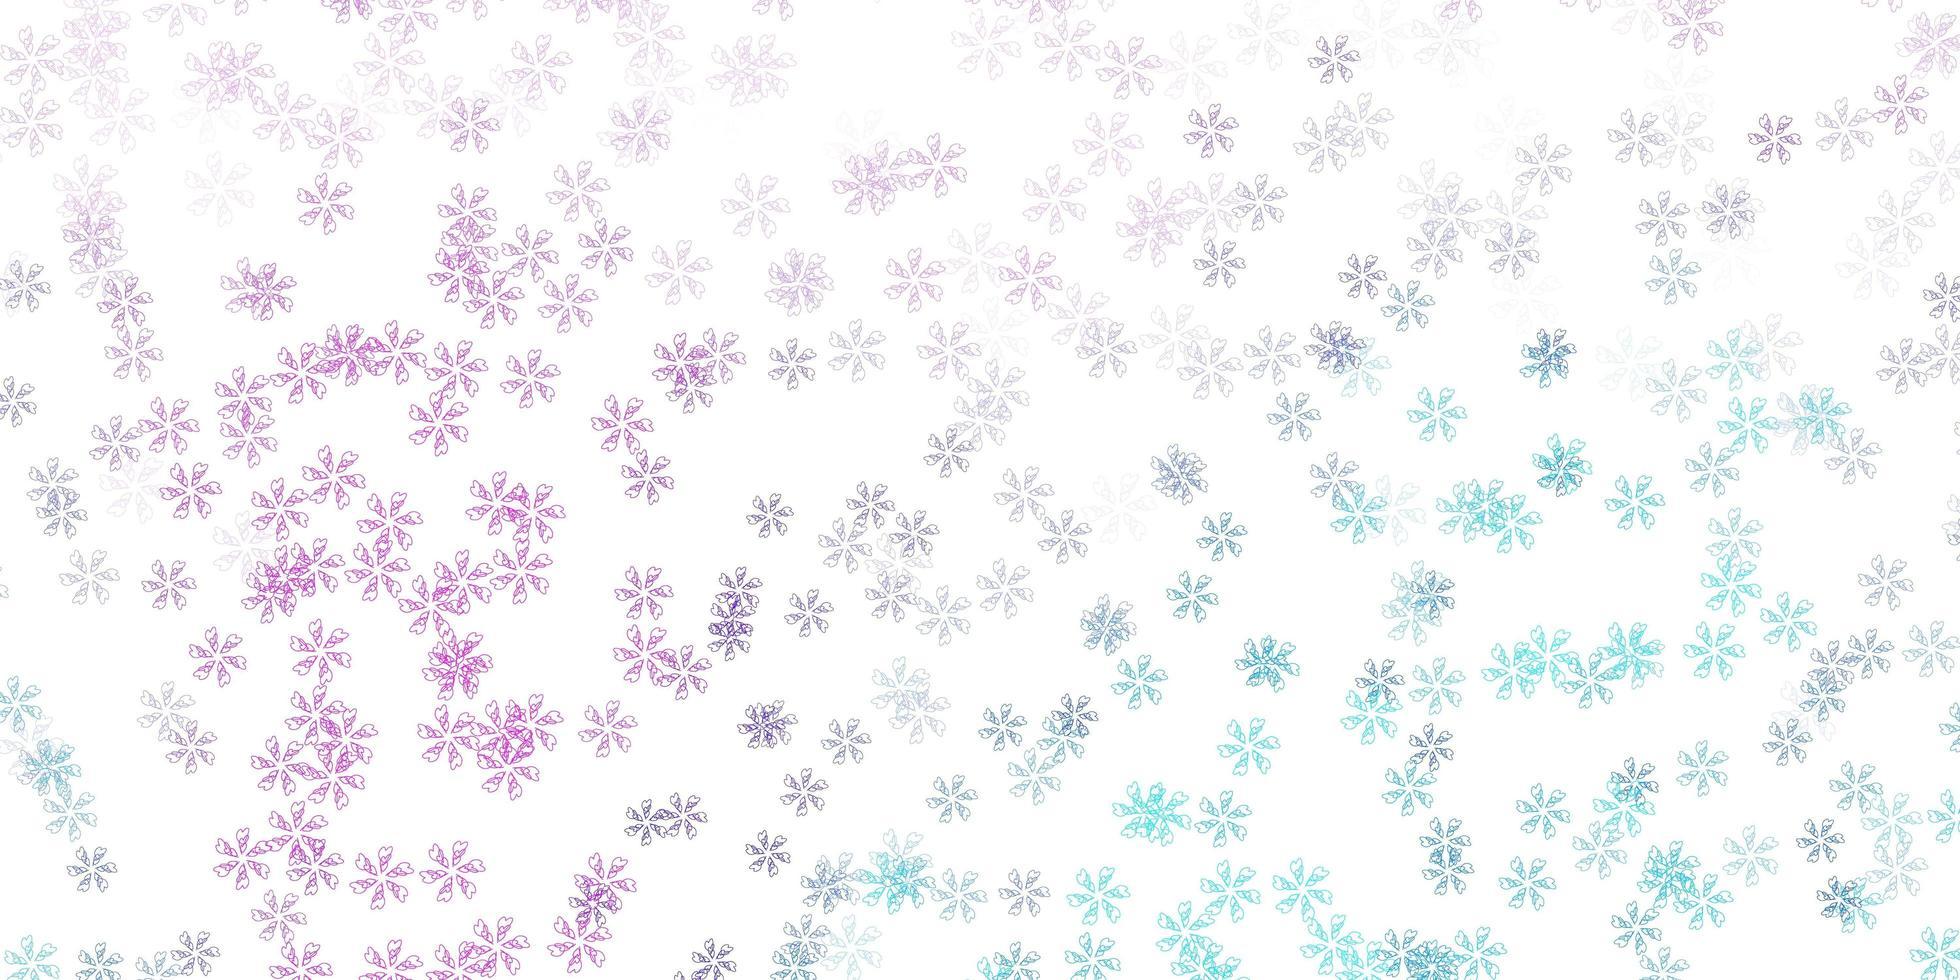 ljusrosa, blå vektor abstrakt konsistens med blad.